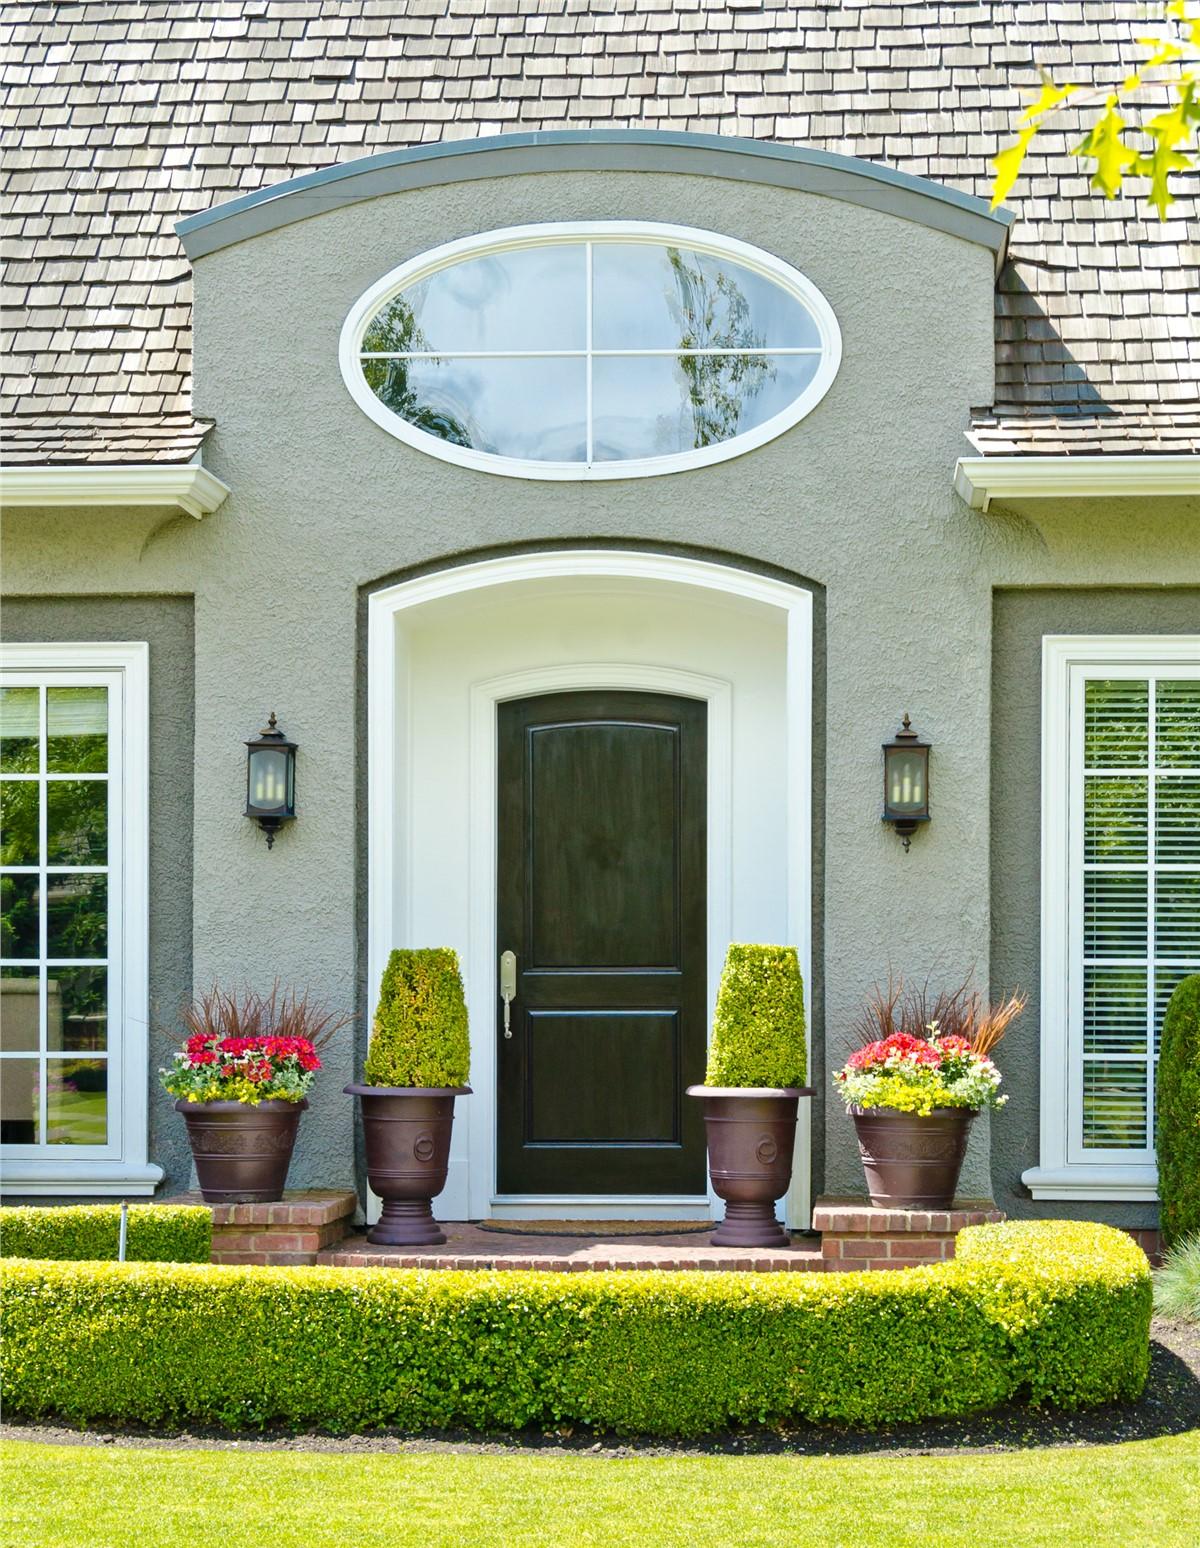 Fiberglass Exterior Doors : Fiberglass entry doors chicago door